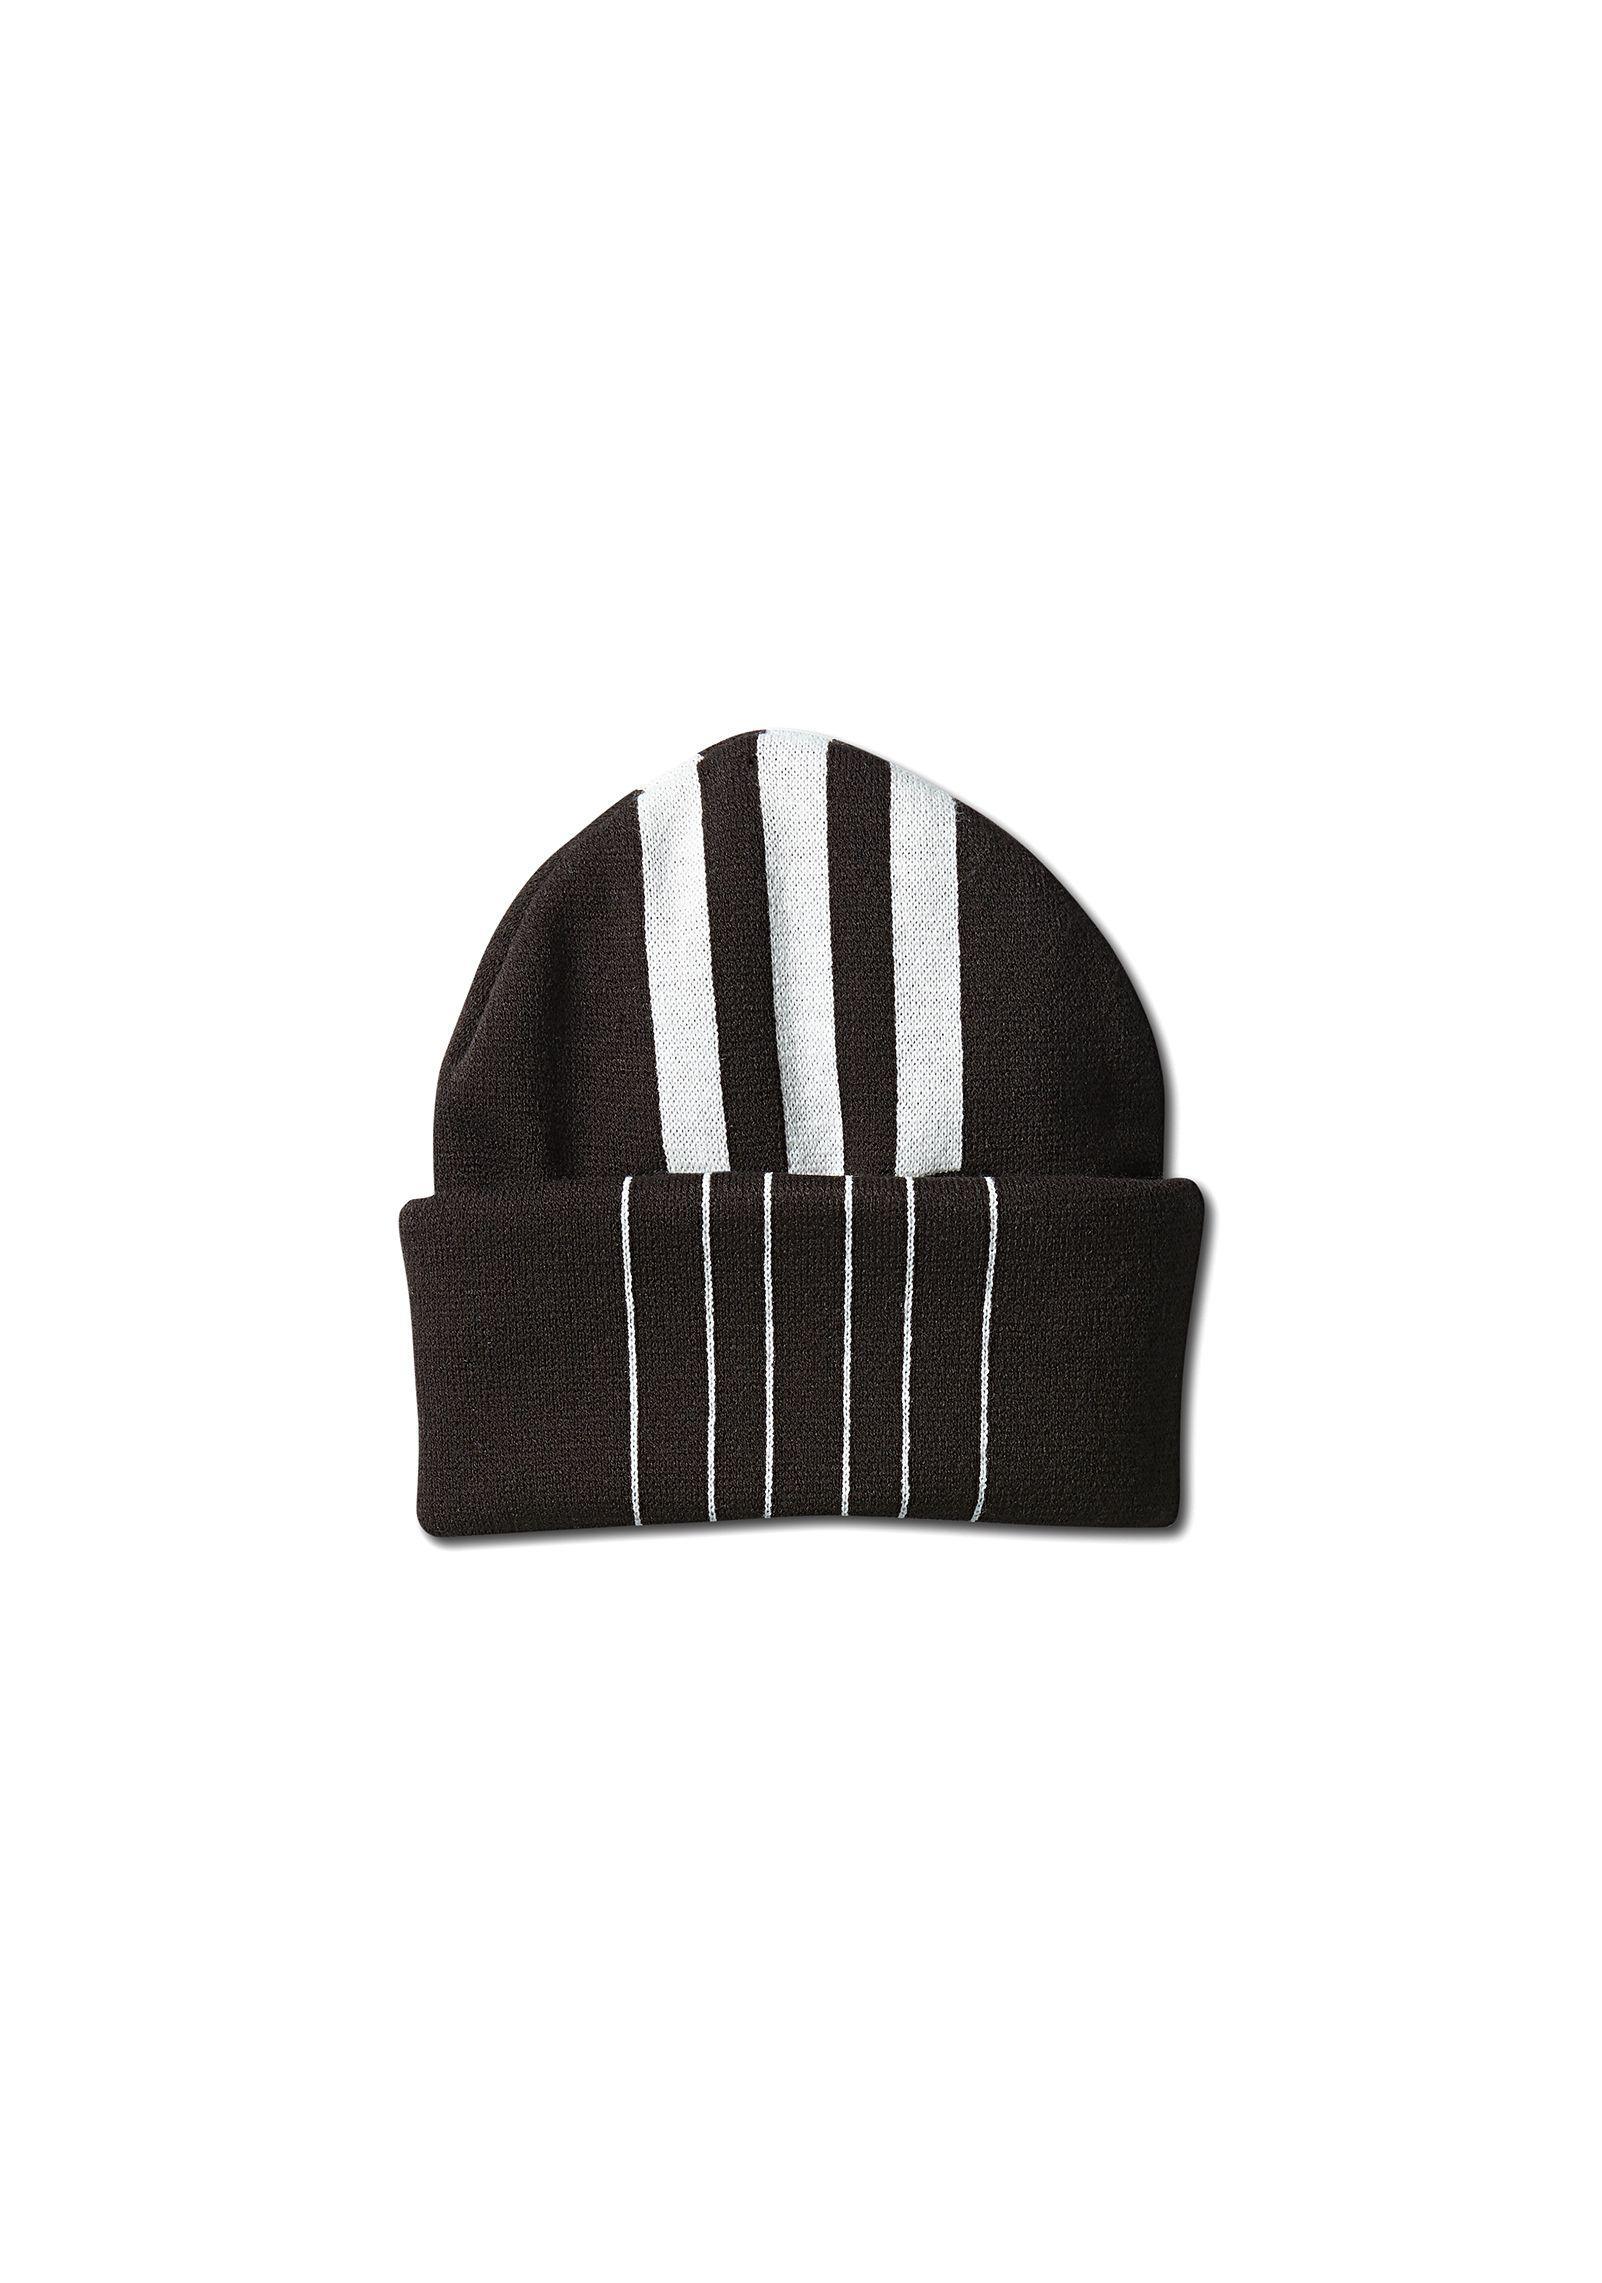 Lyst - Alexander Wang Adidas Originals By Aw Mask Beanie in Black eab90b1734b